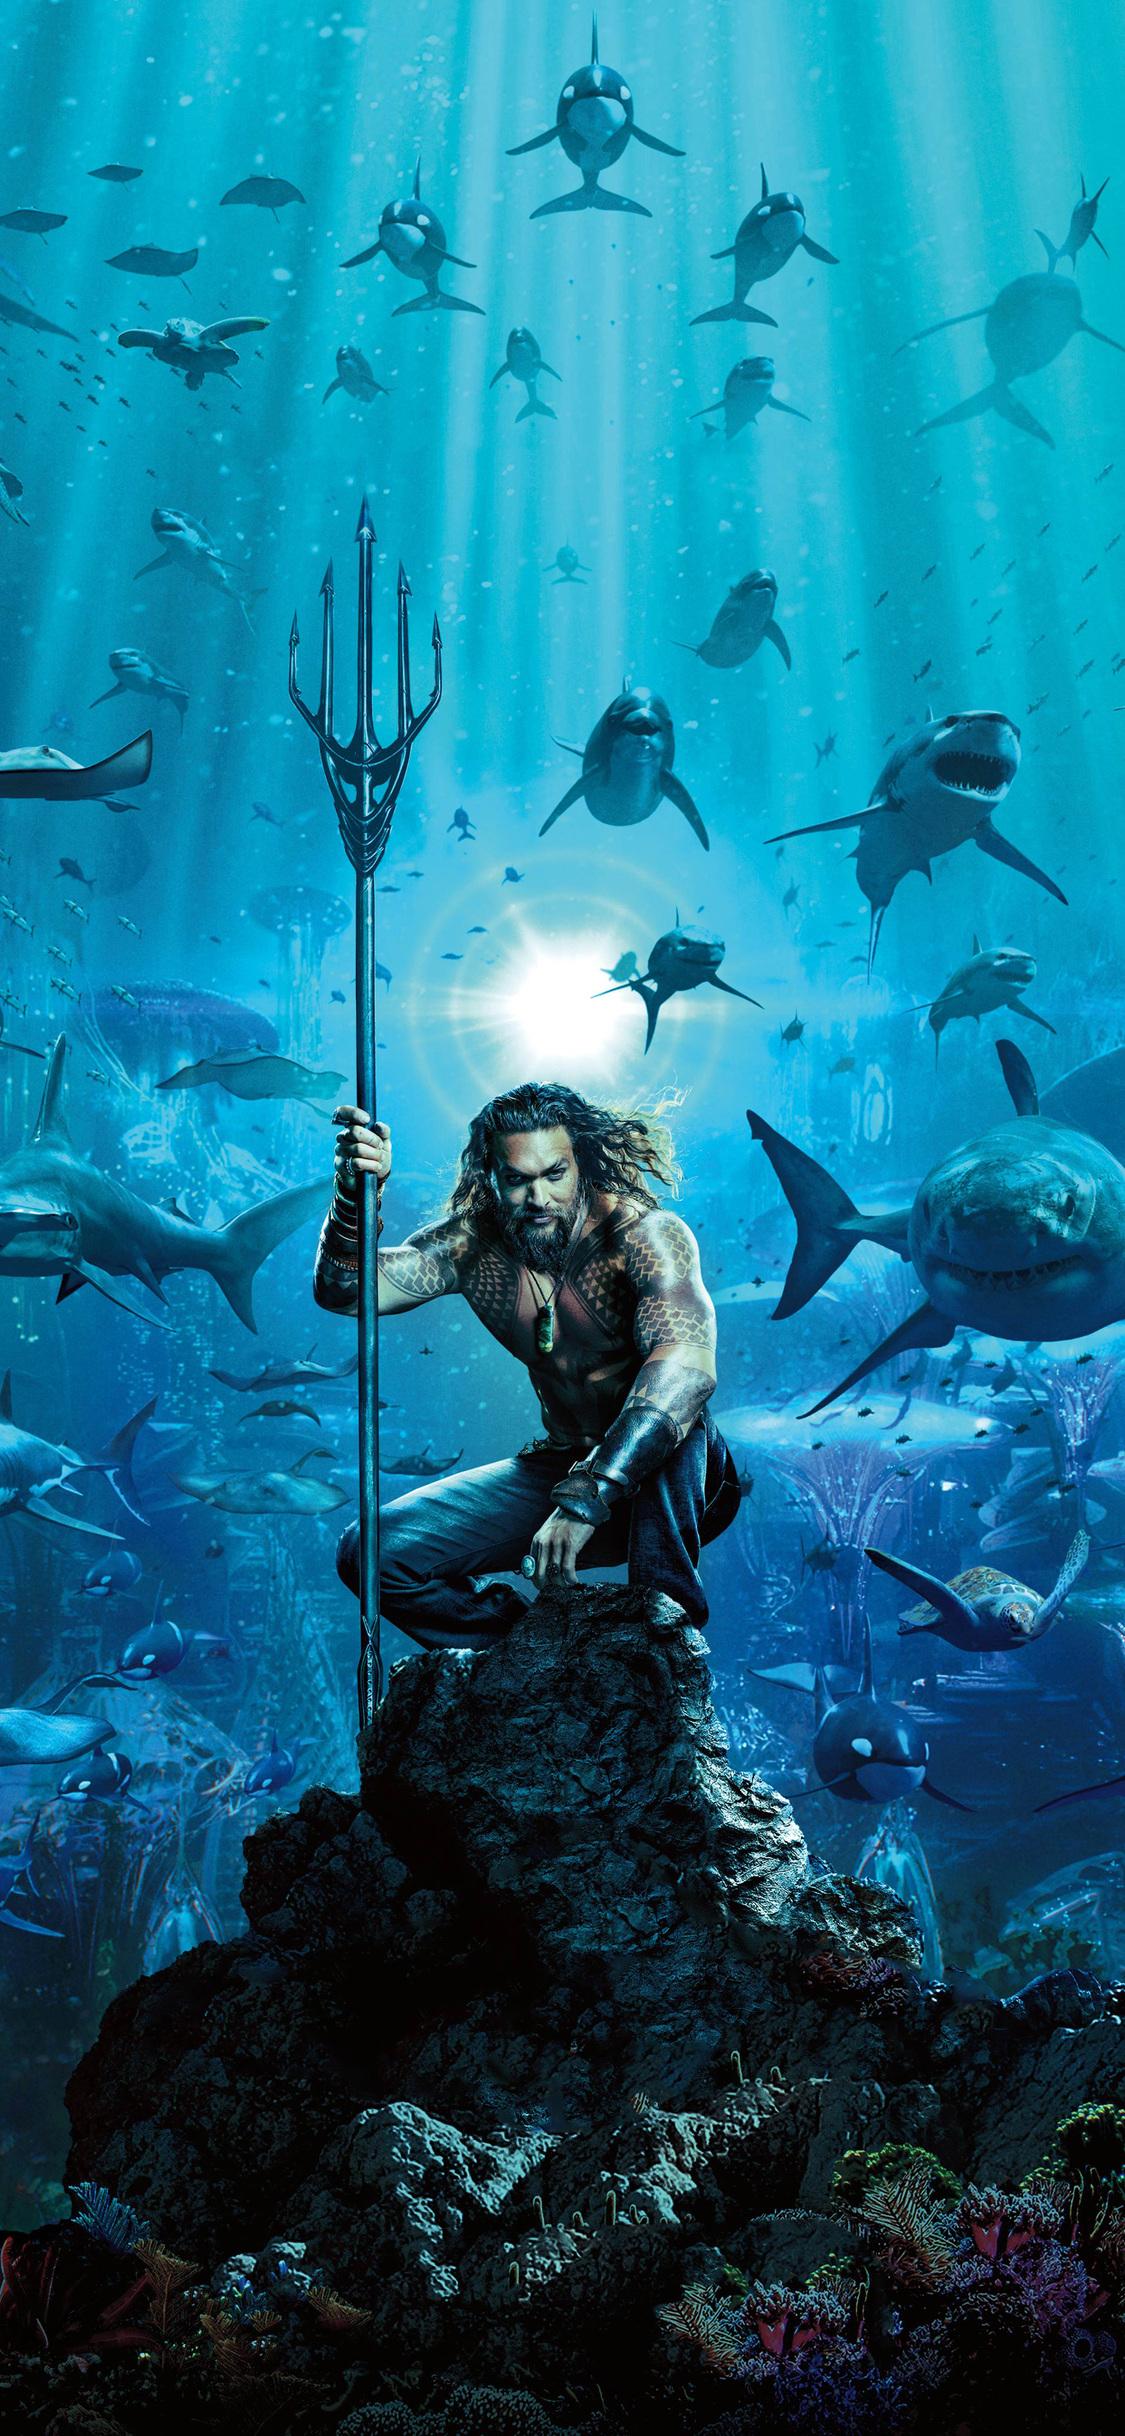 Aquaman Wallpaper Hd Aquaman Hd Wallpaper Iphone X